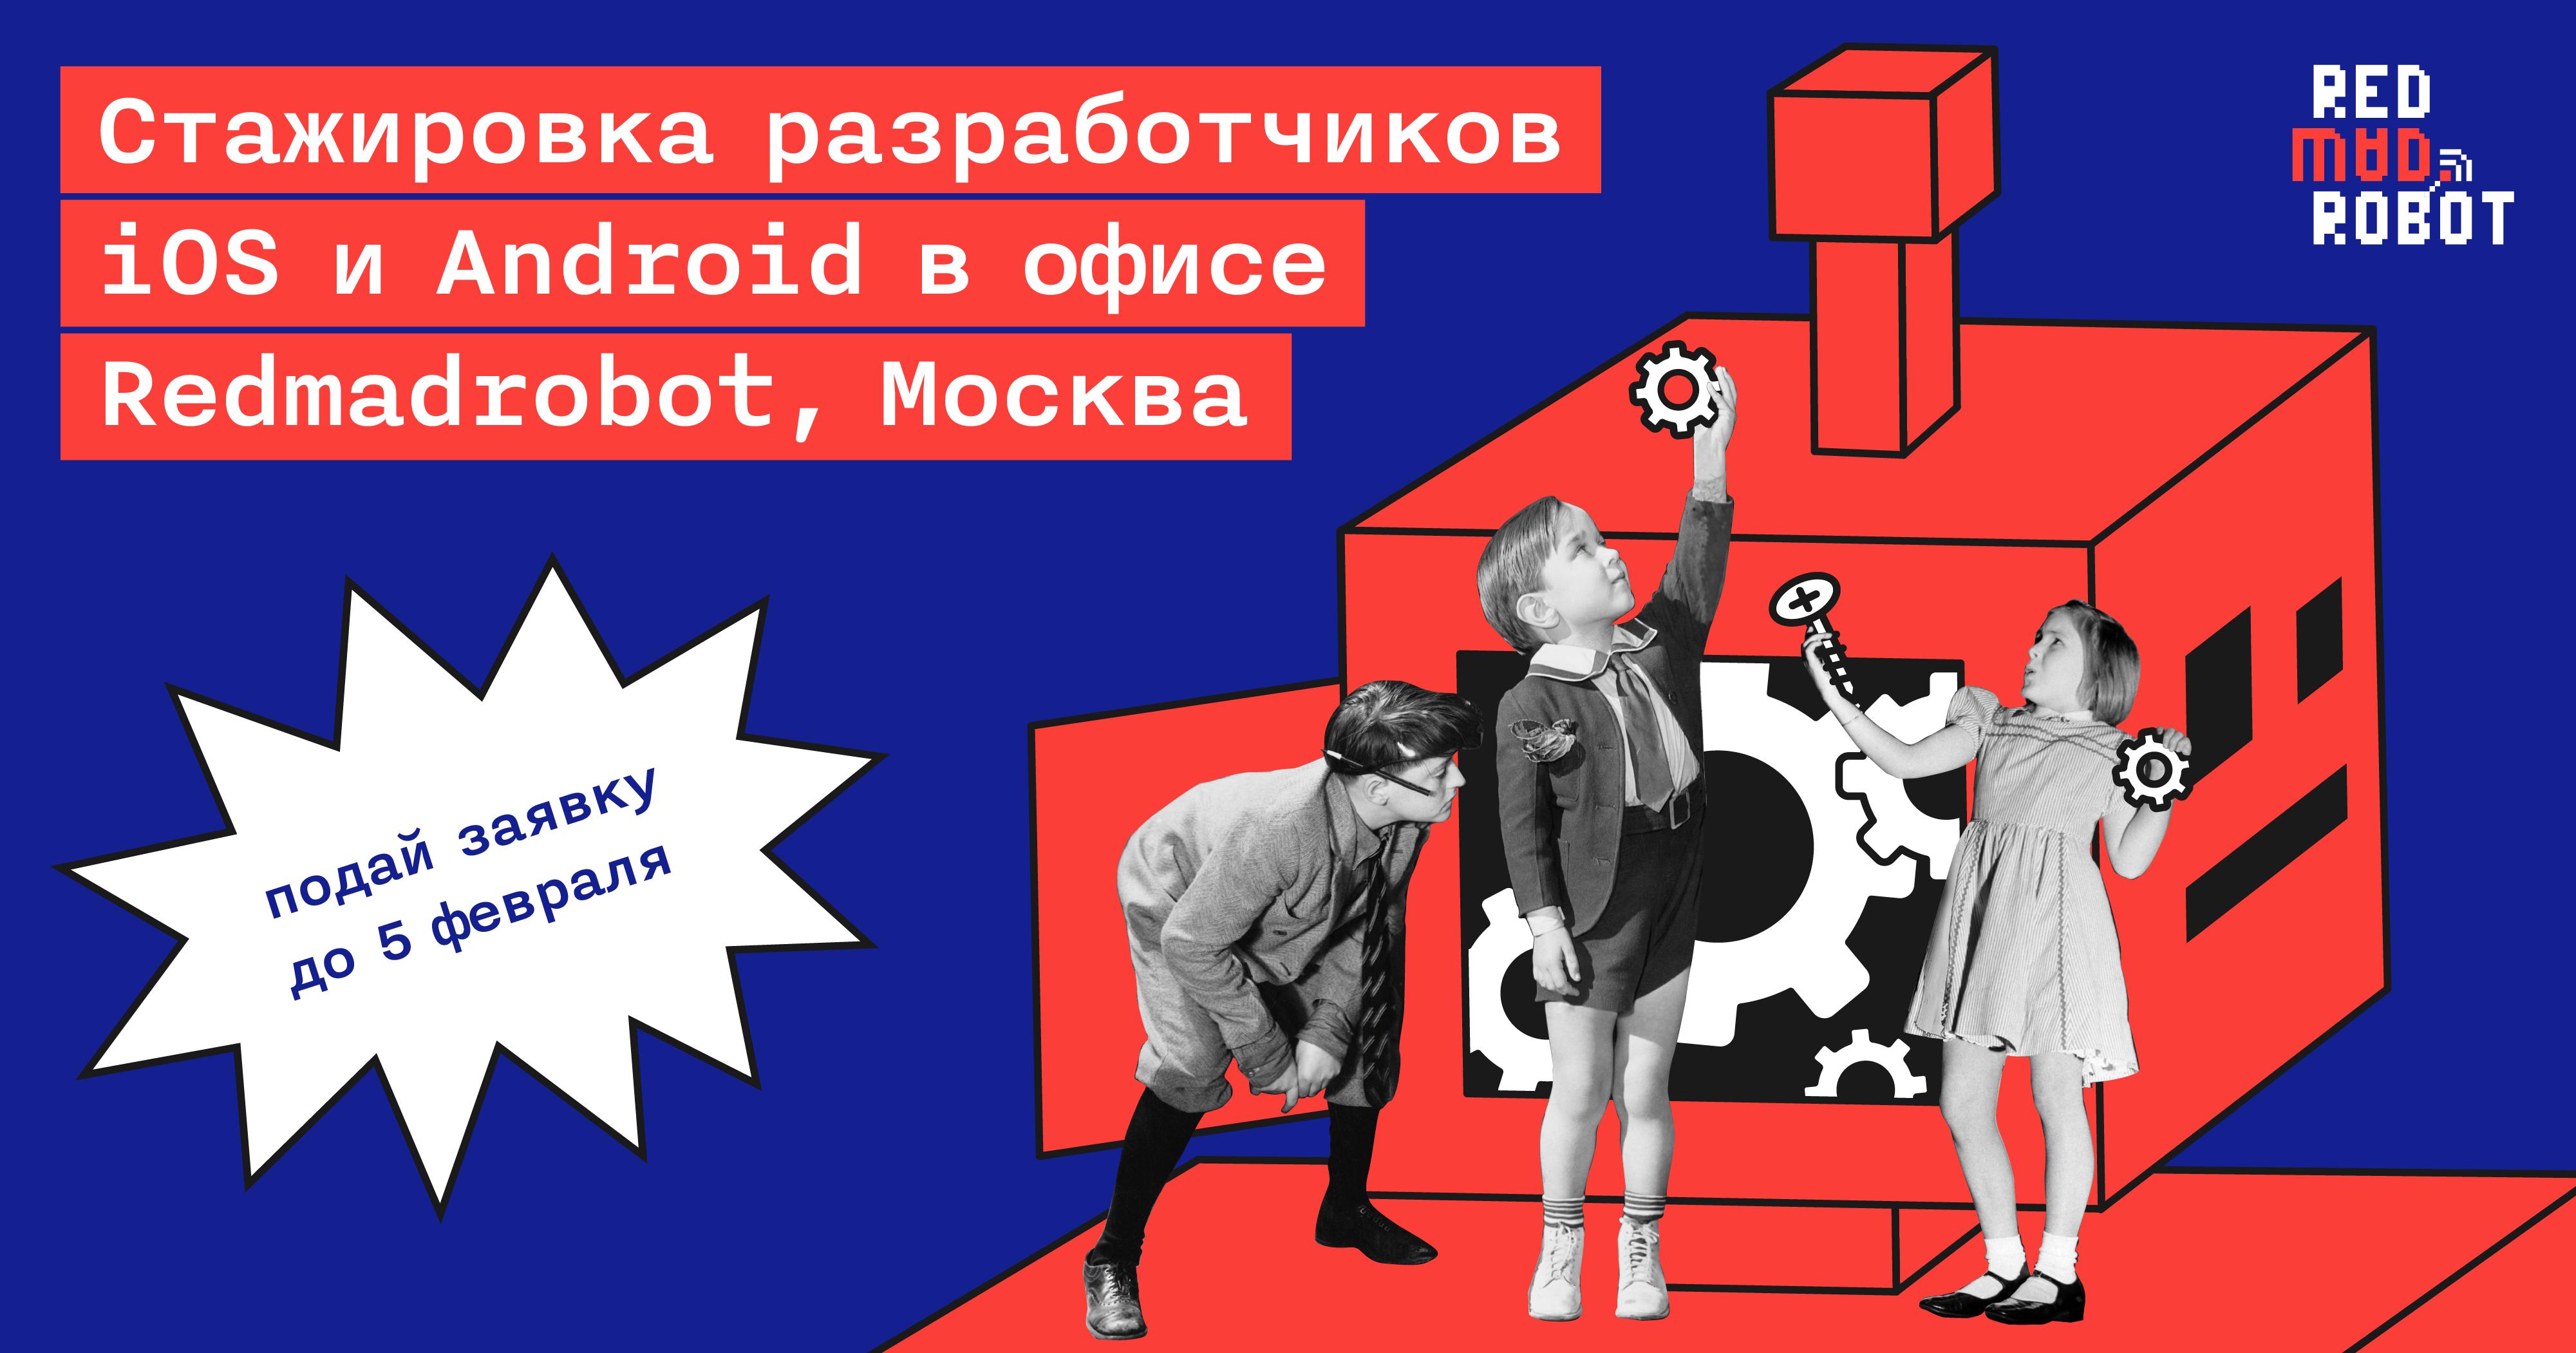 Весенняя стажировка для мобильных разработчиков в Redmadrobot - 1